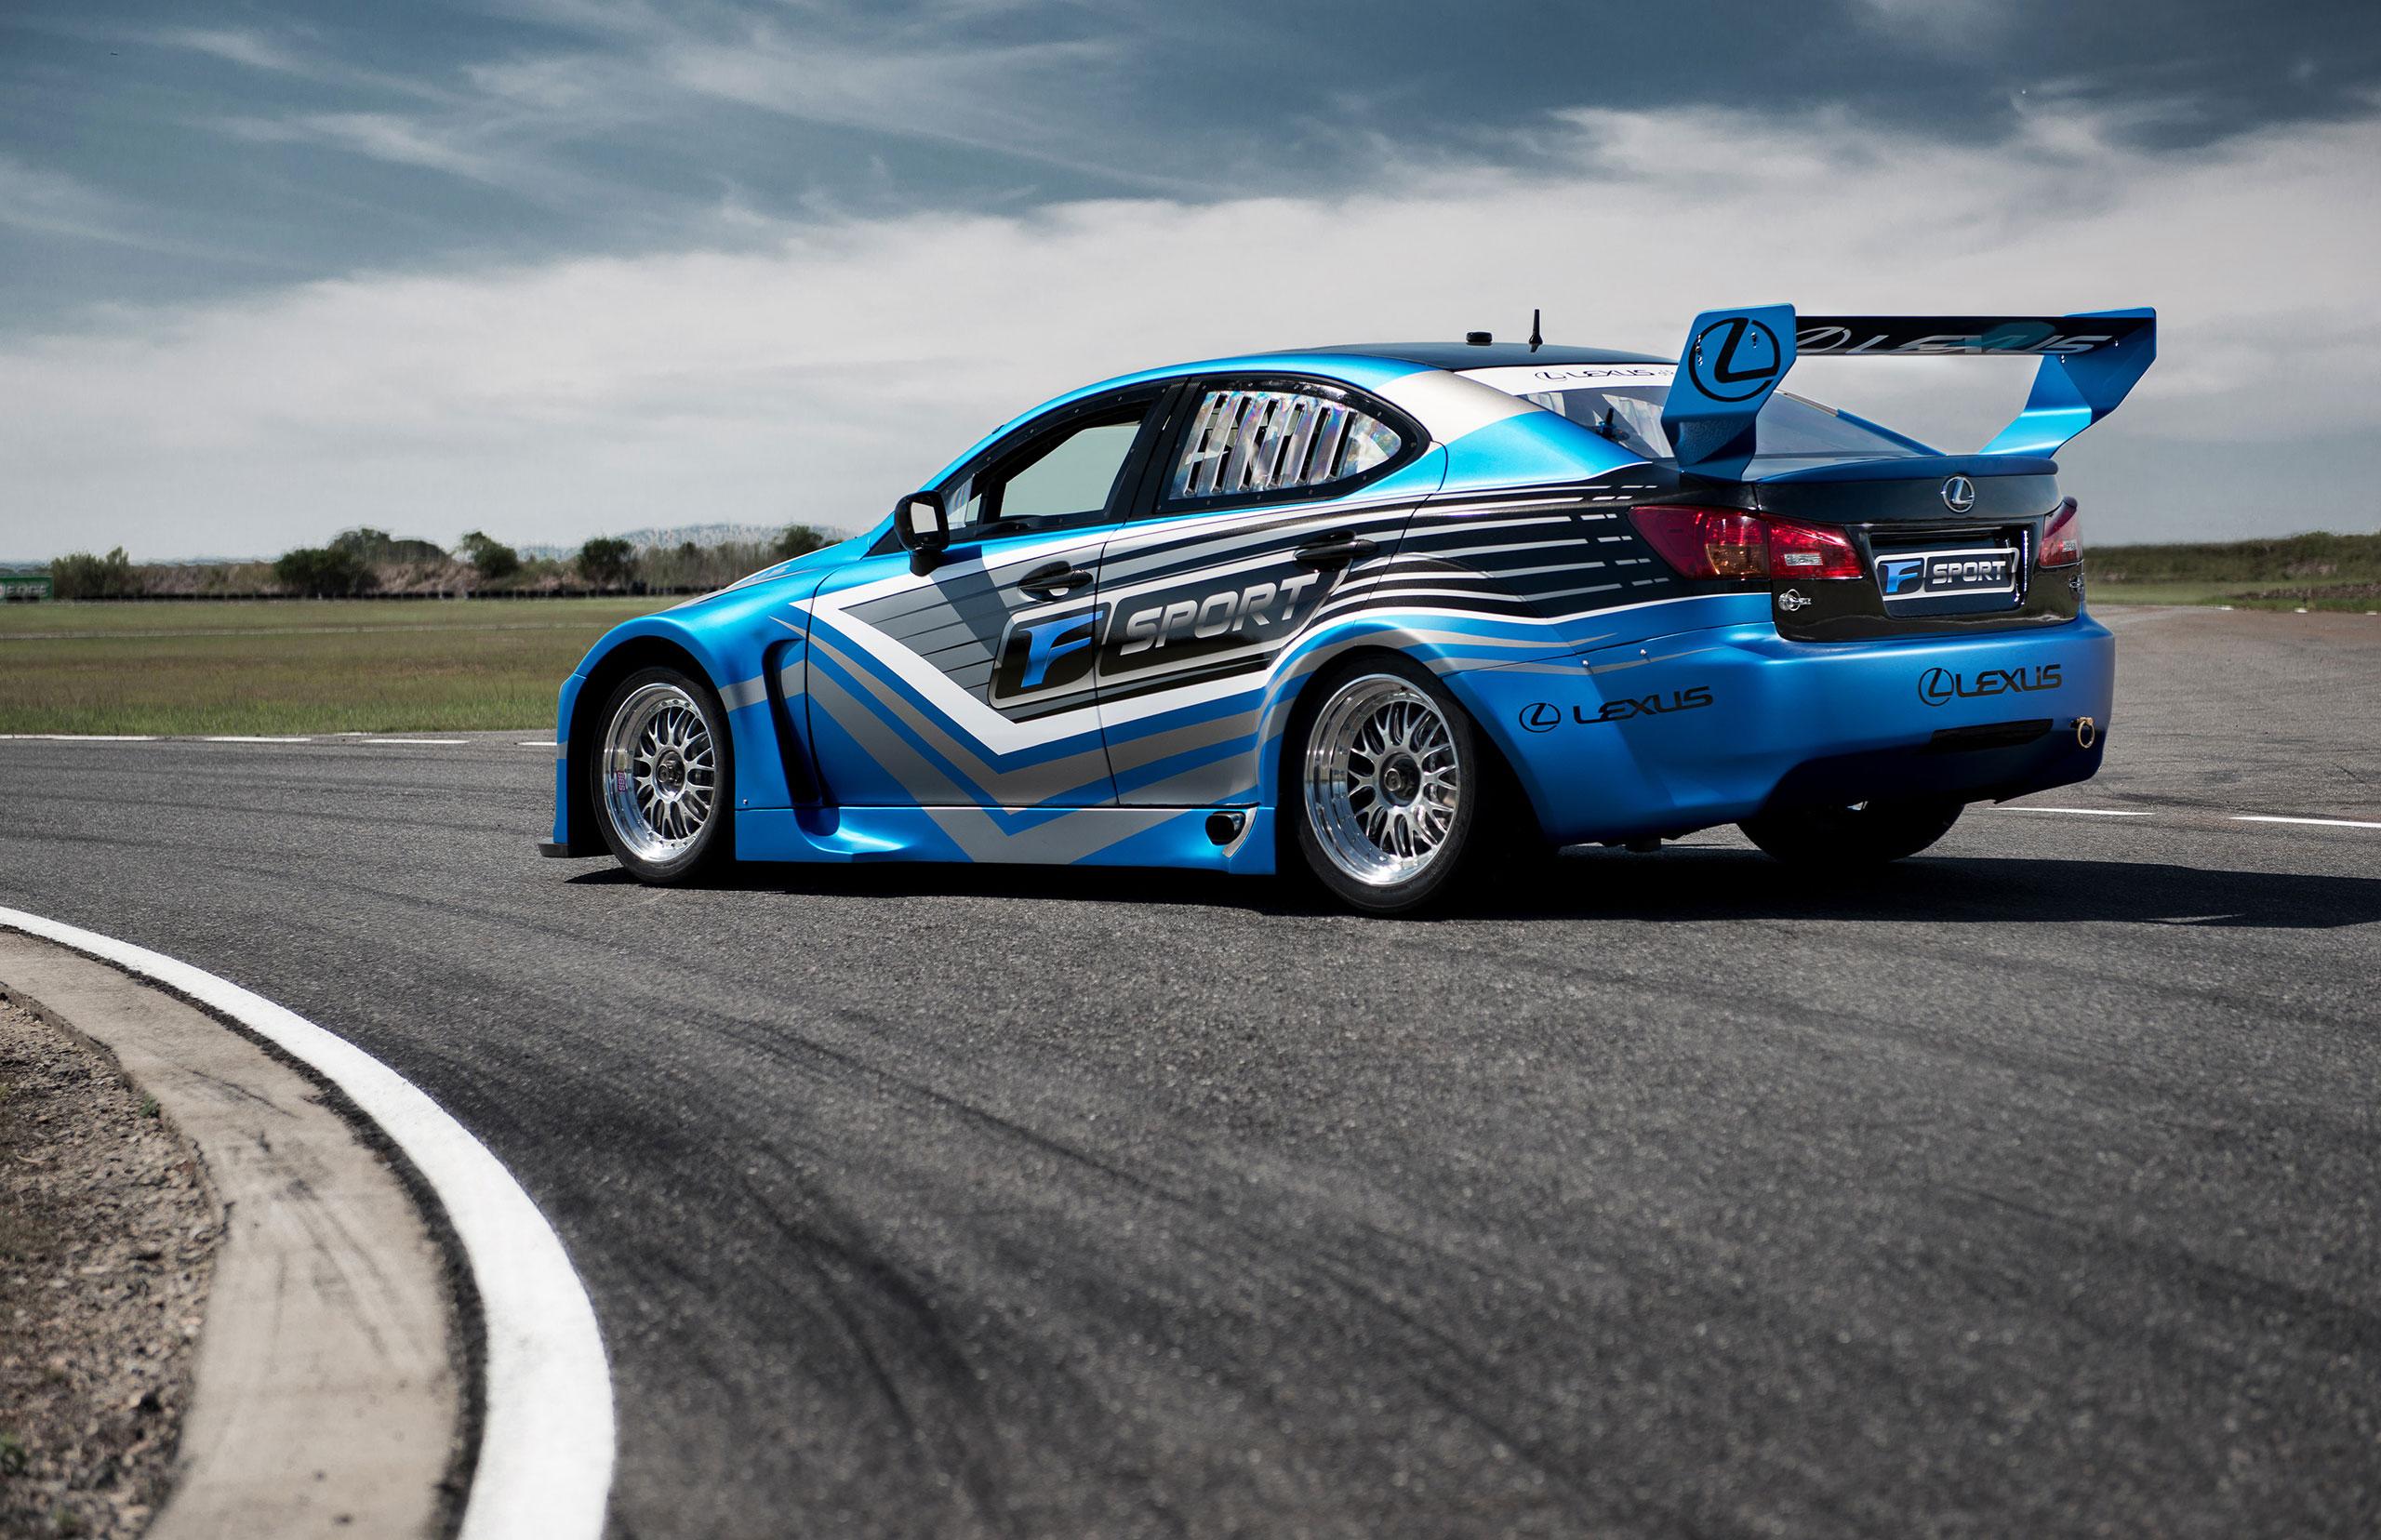 2013 Lexus IS-F Race Cars Rear